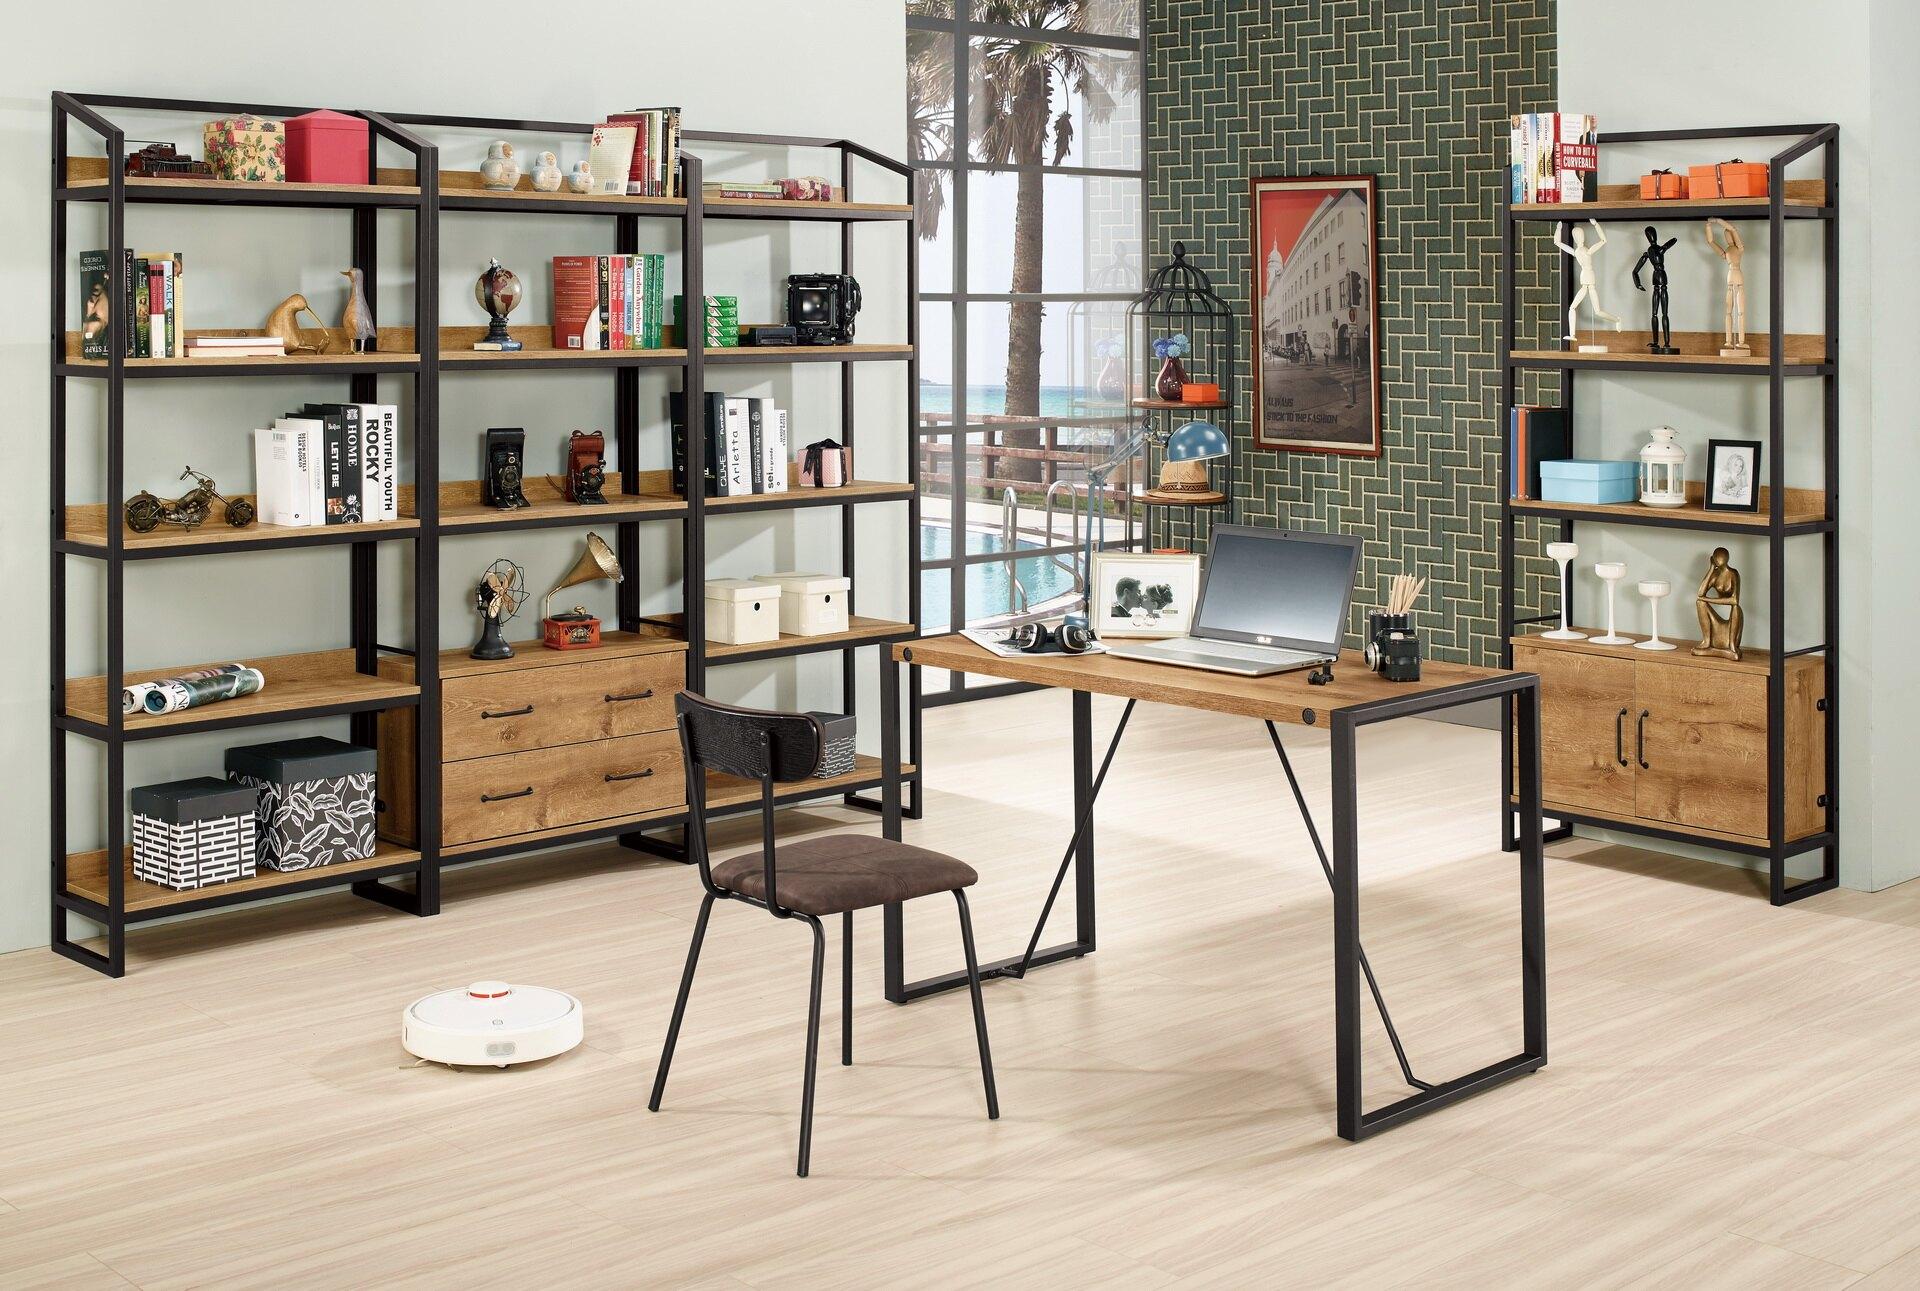 【尚品家具】CM-878-4 布朗克斯4尺多功能桌